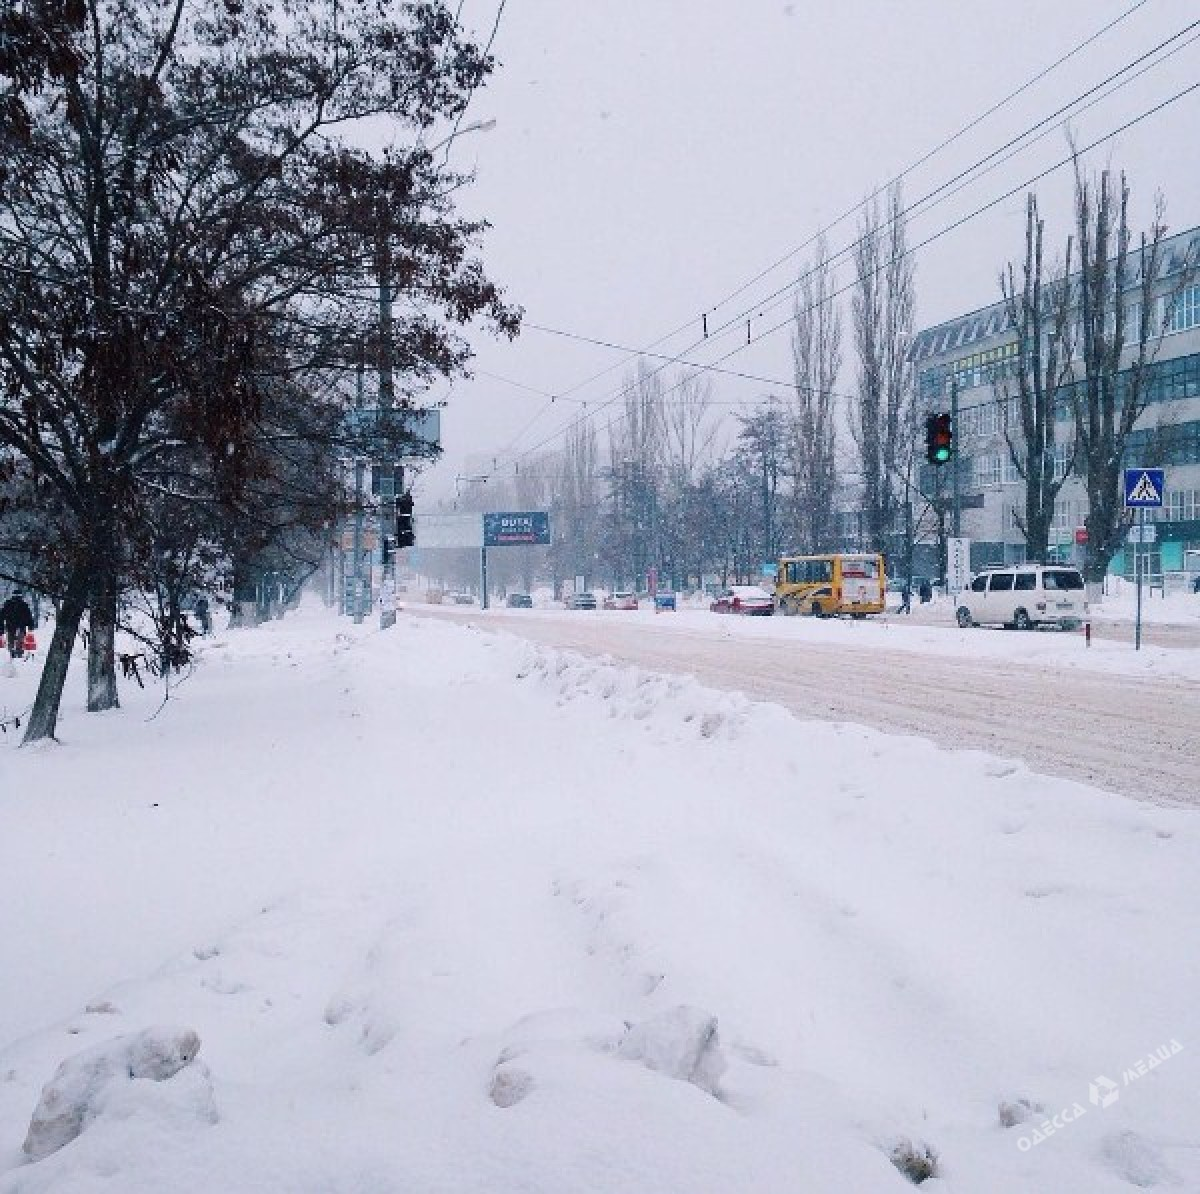 978db7750f88d86058bb52a66c34f07f Зимняя Одесса: пес-снеговик, одинокий Дюк и машины в сугробах